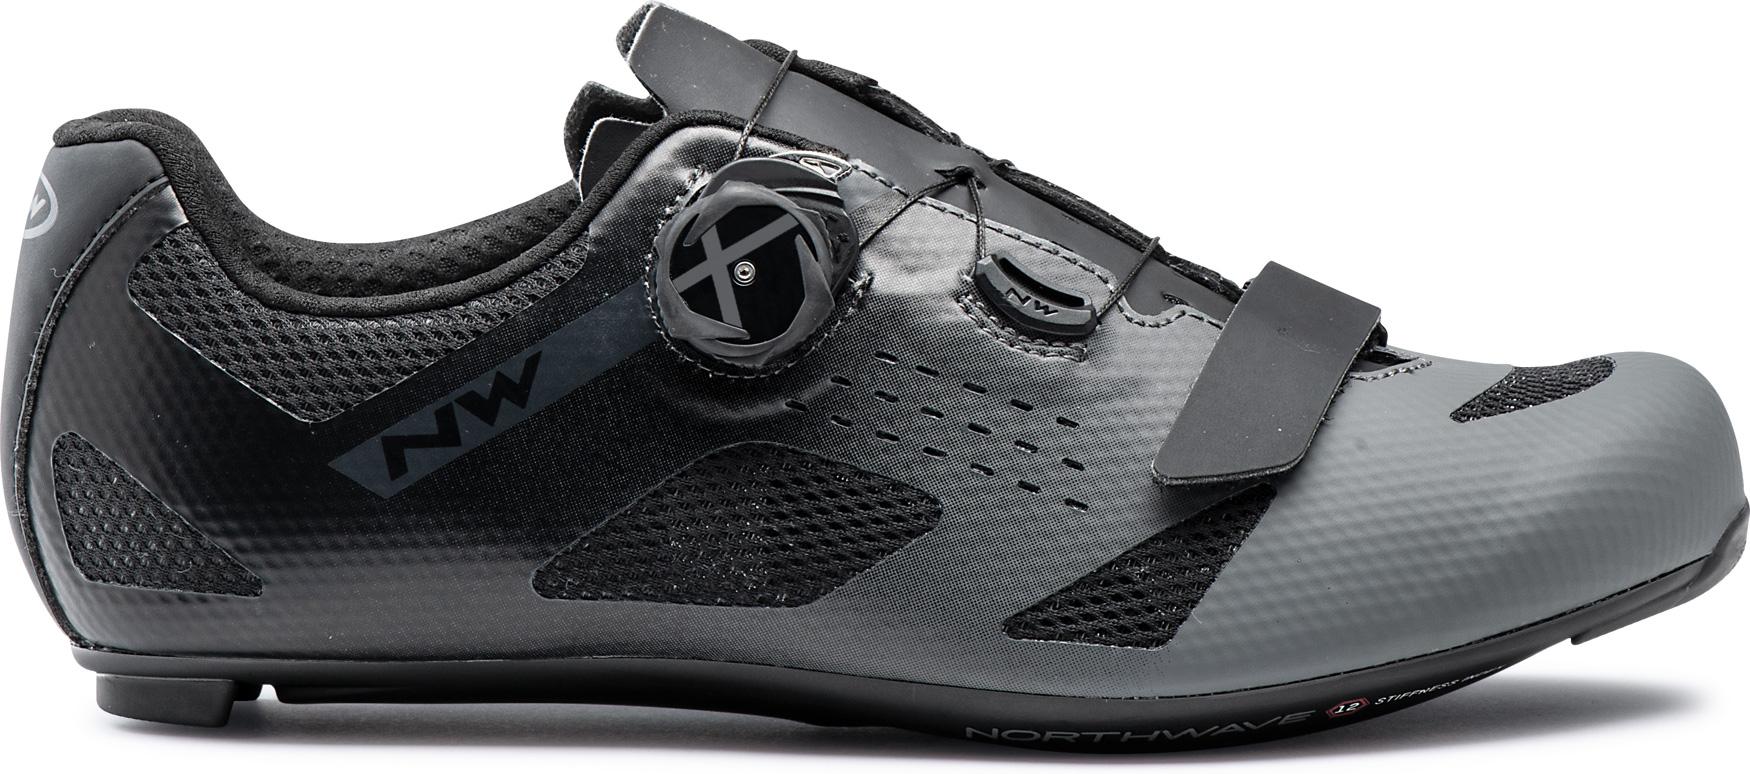 Northwave Storm Carbon Zapatillas de carreras - anthra/negro 84